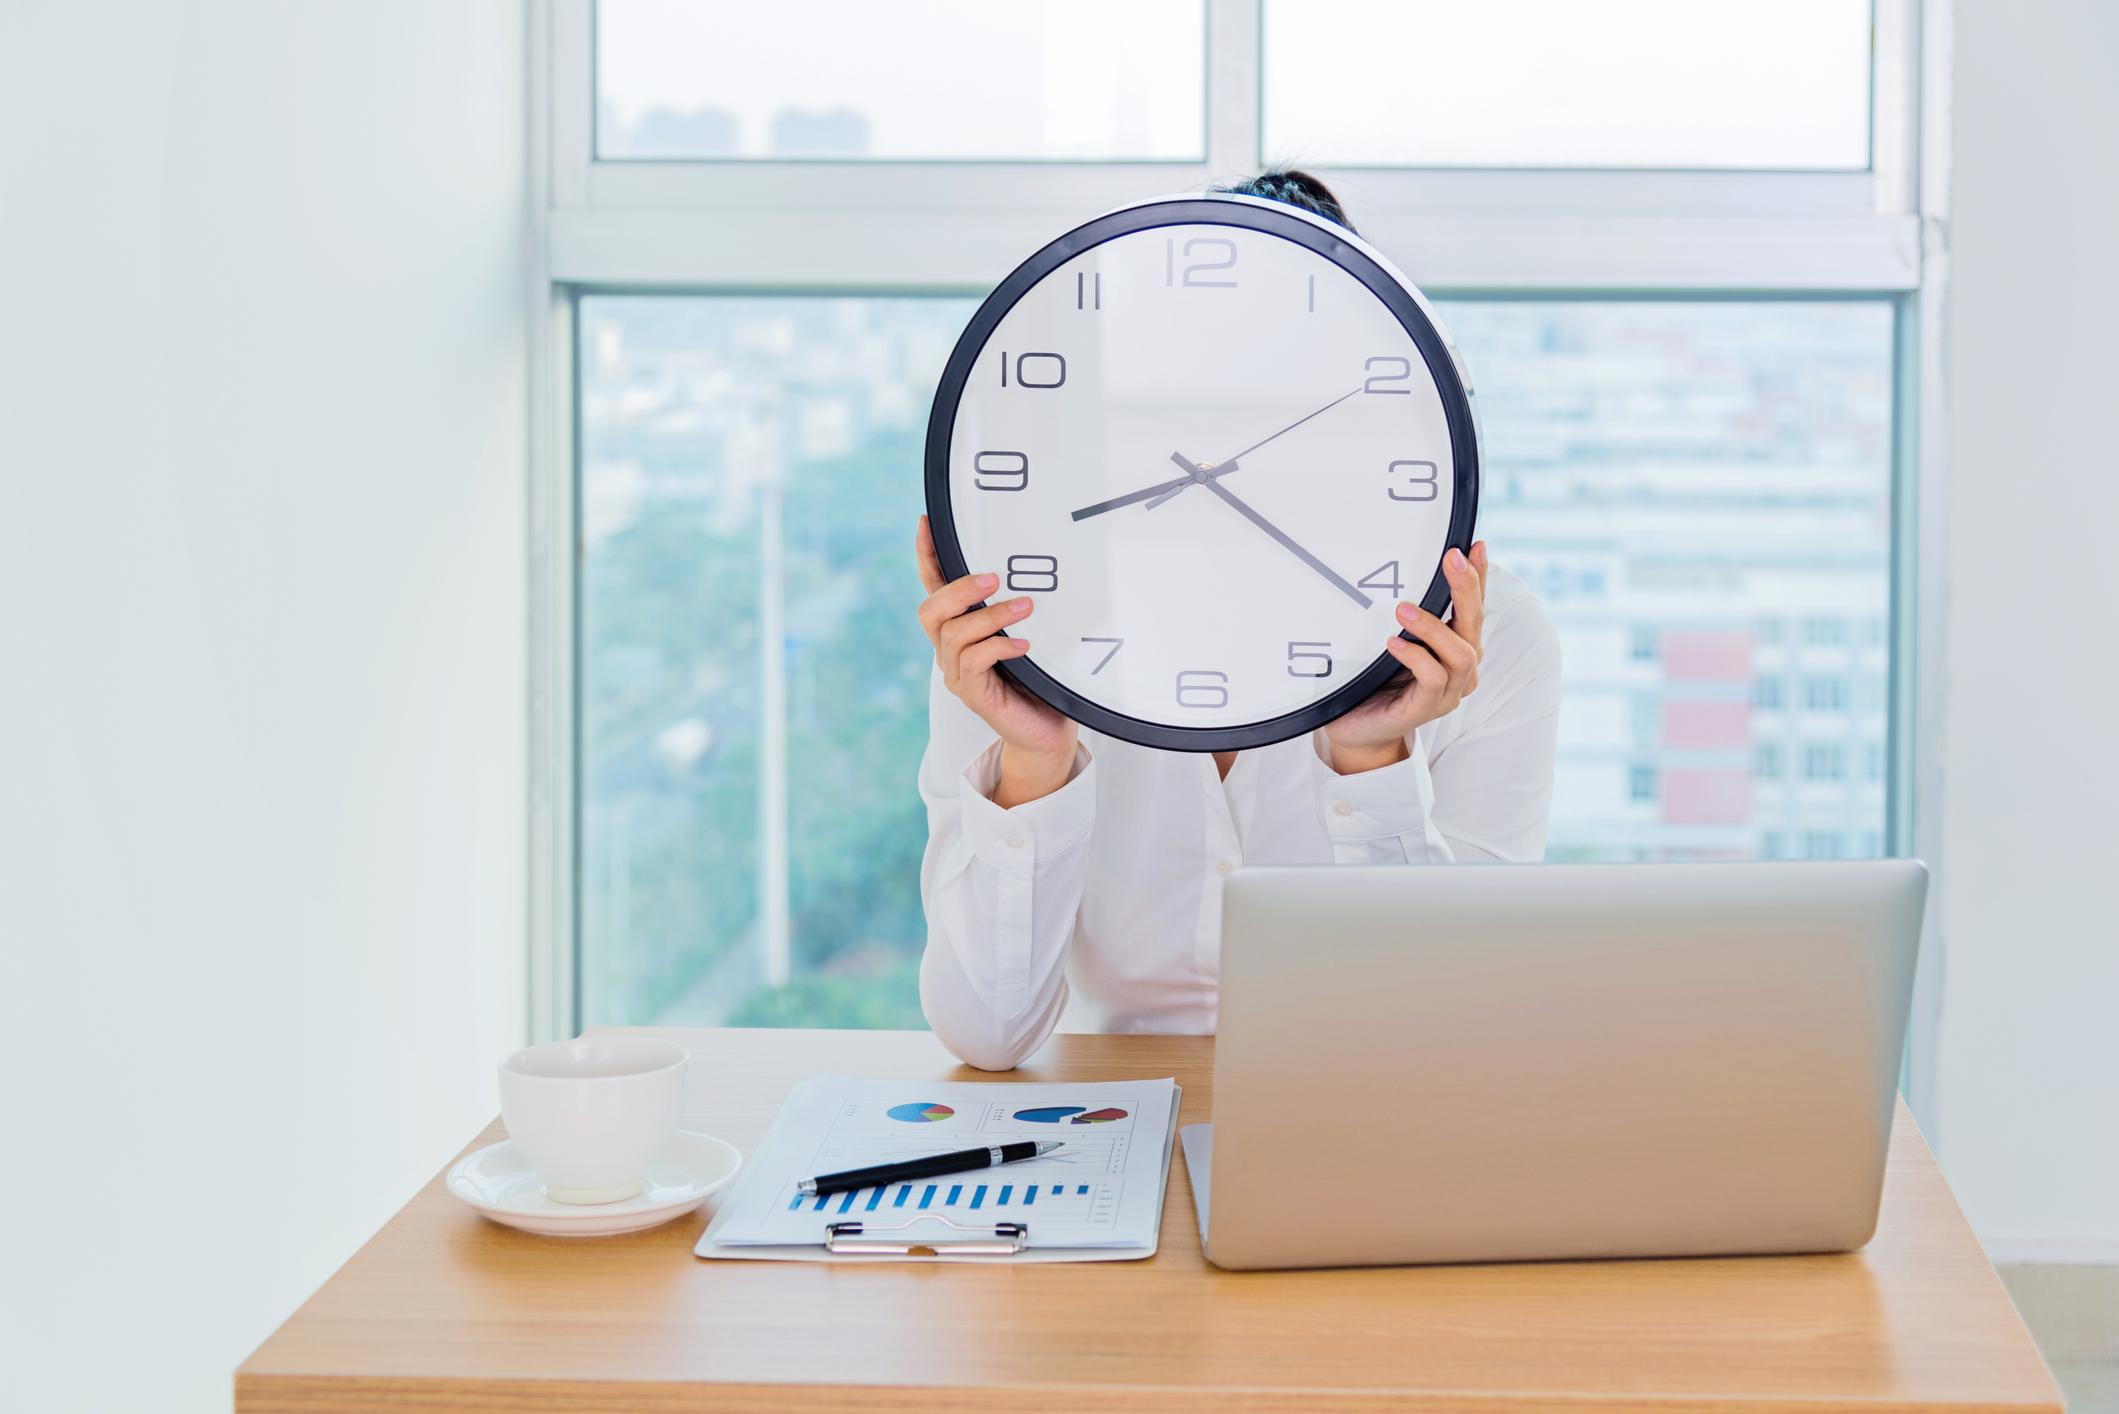 Como calcular o valor da hora de trabalho?